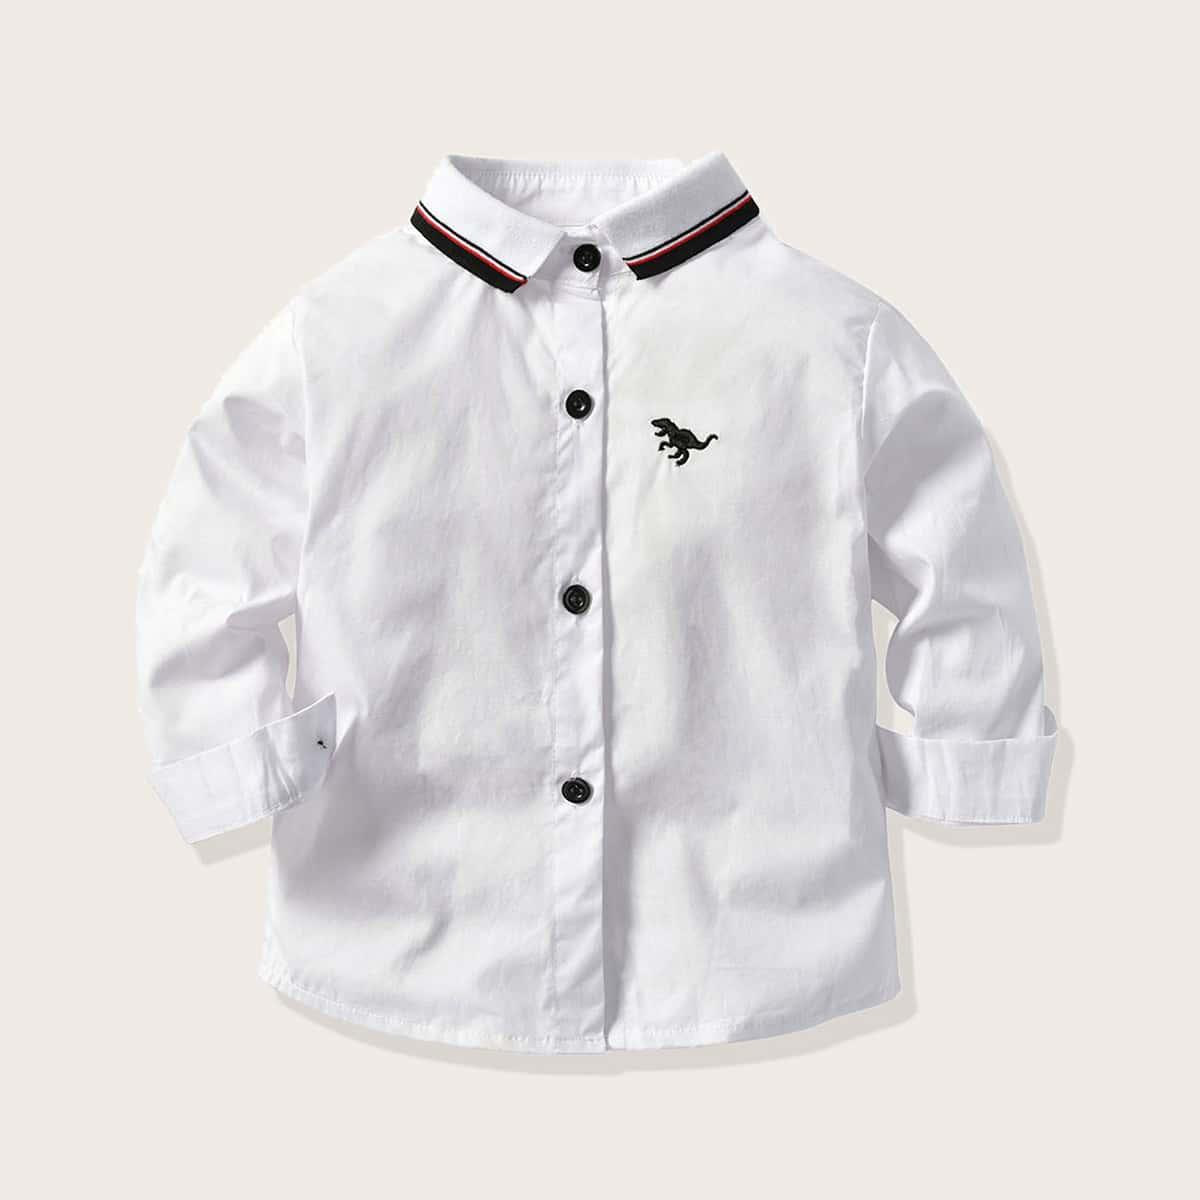 Рубашка с пуговицами и вышивкой динозавра для мальчиков от SHEIN